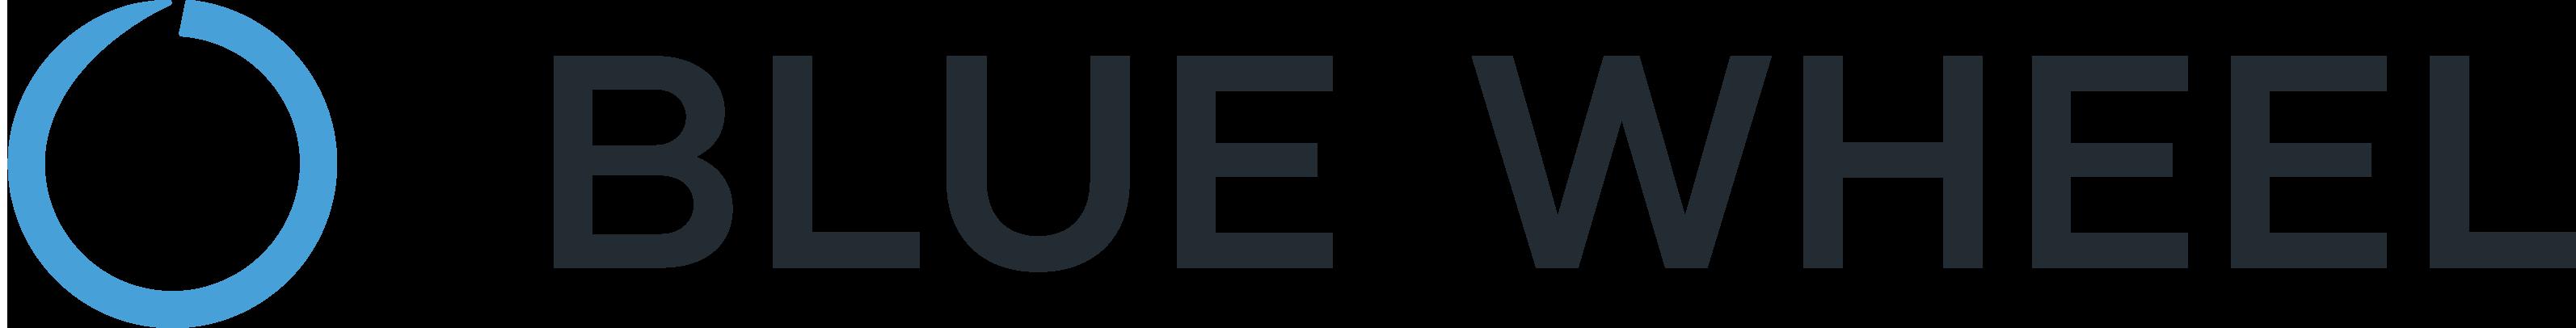 Blue Wheel Media logo